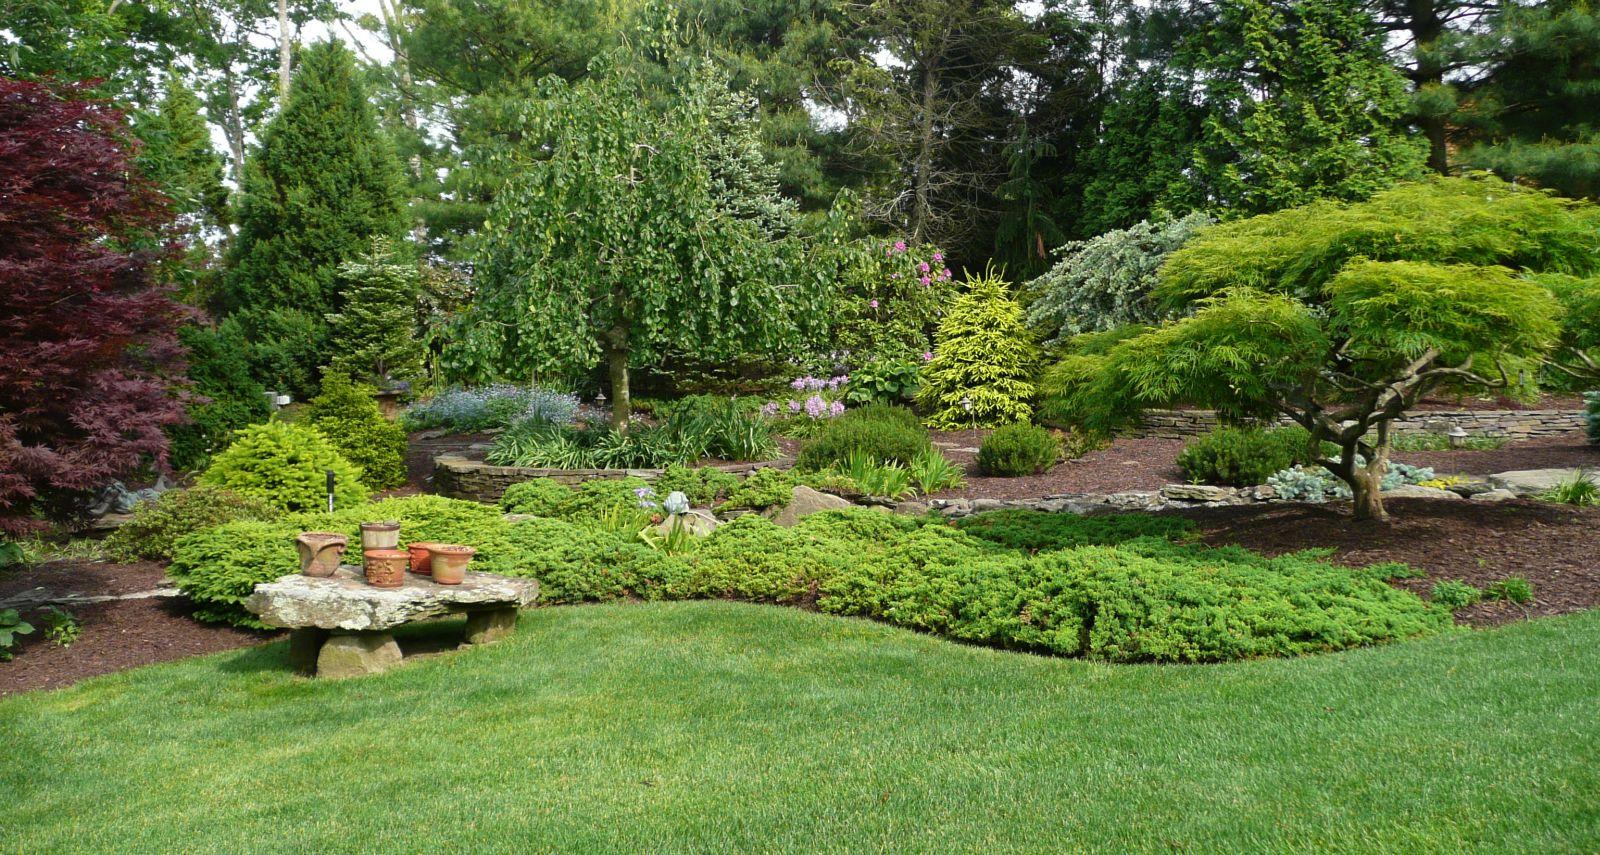 landscaped_garden